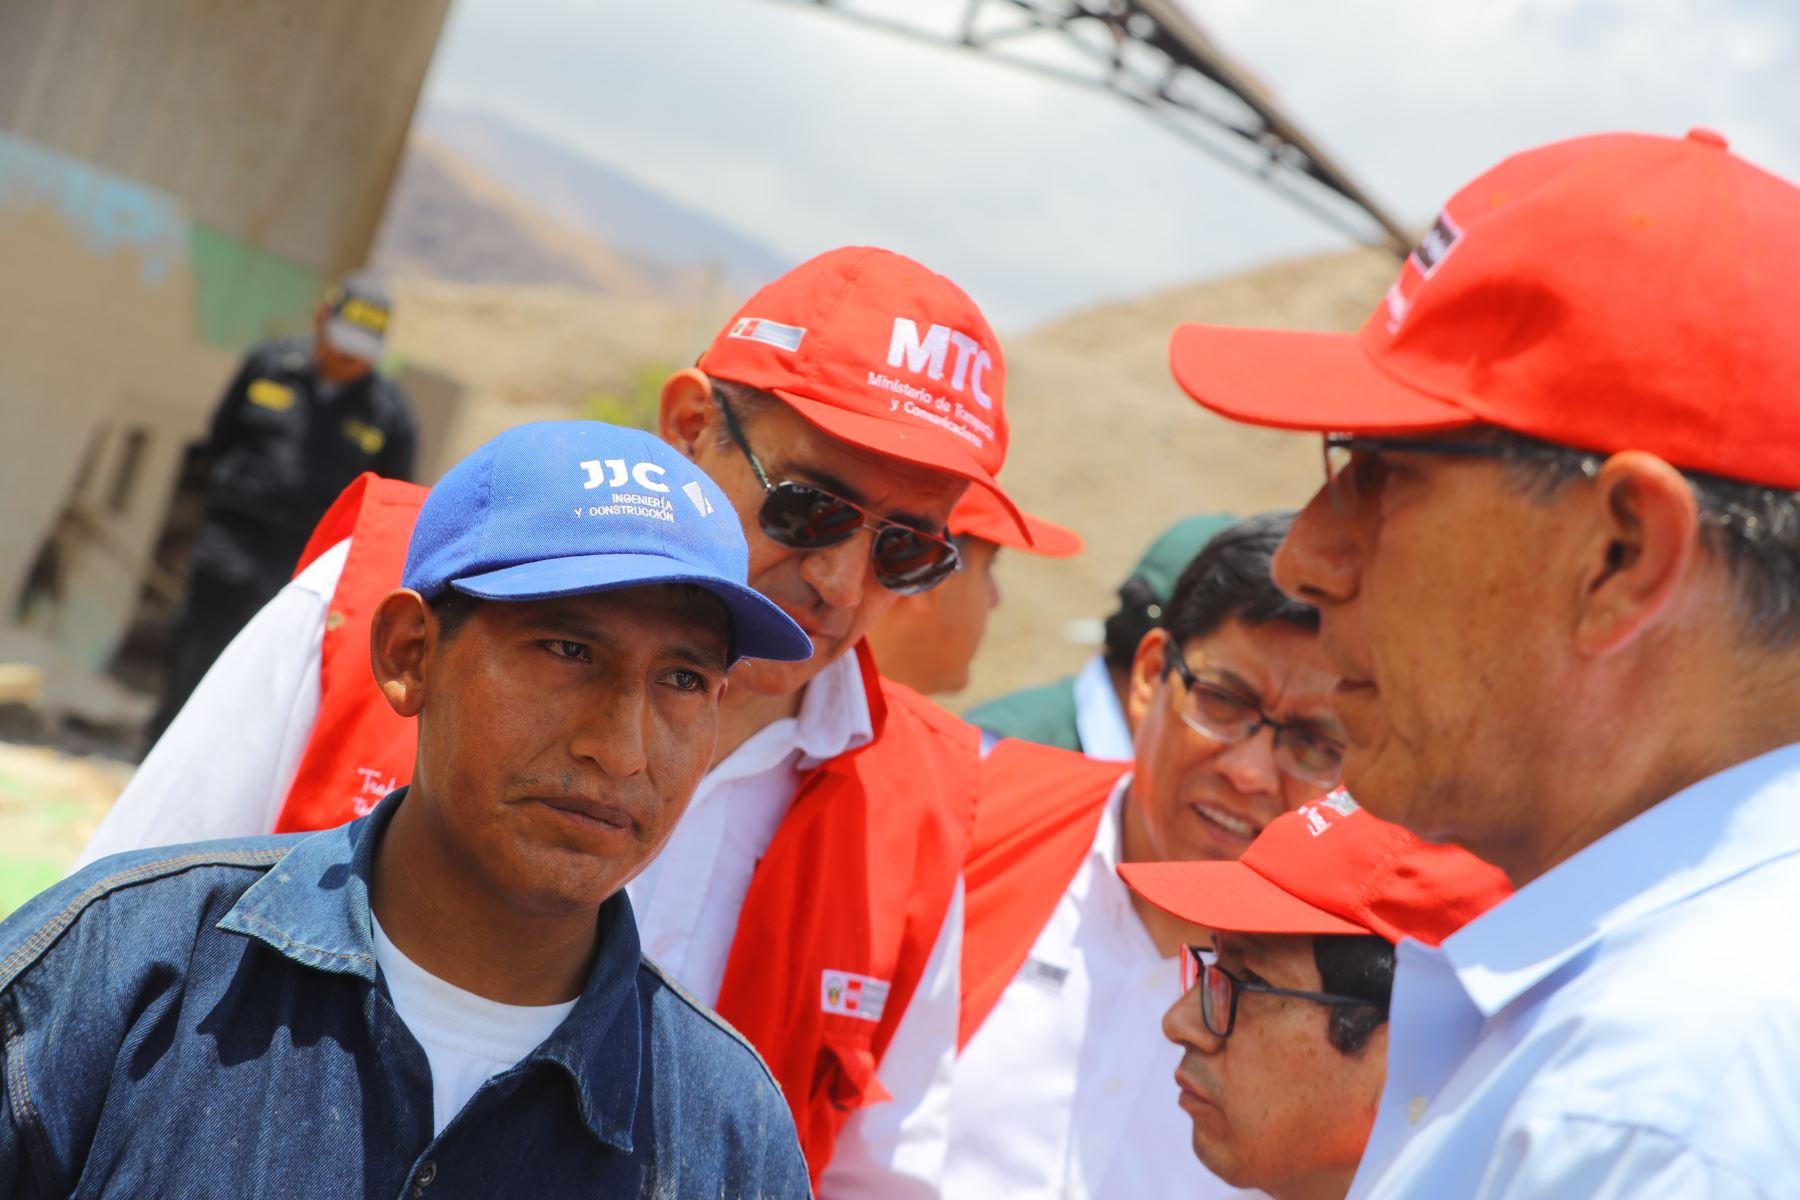 Jefe de Estado Martín  Vizcarra realizò inspección de la situación y las labores que realiza INDECI en Mirave, zona afectada por las lluvias y huaicos en la región de Tacna.Foto: ANDINA/Prensa Presidencia